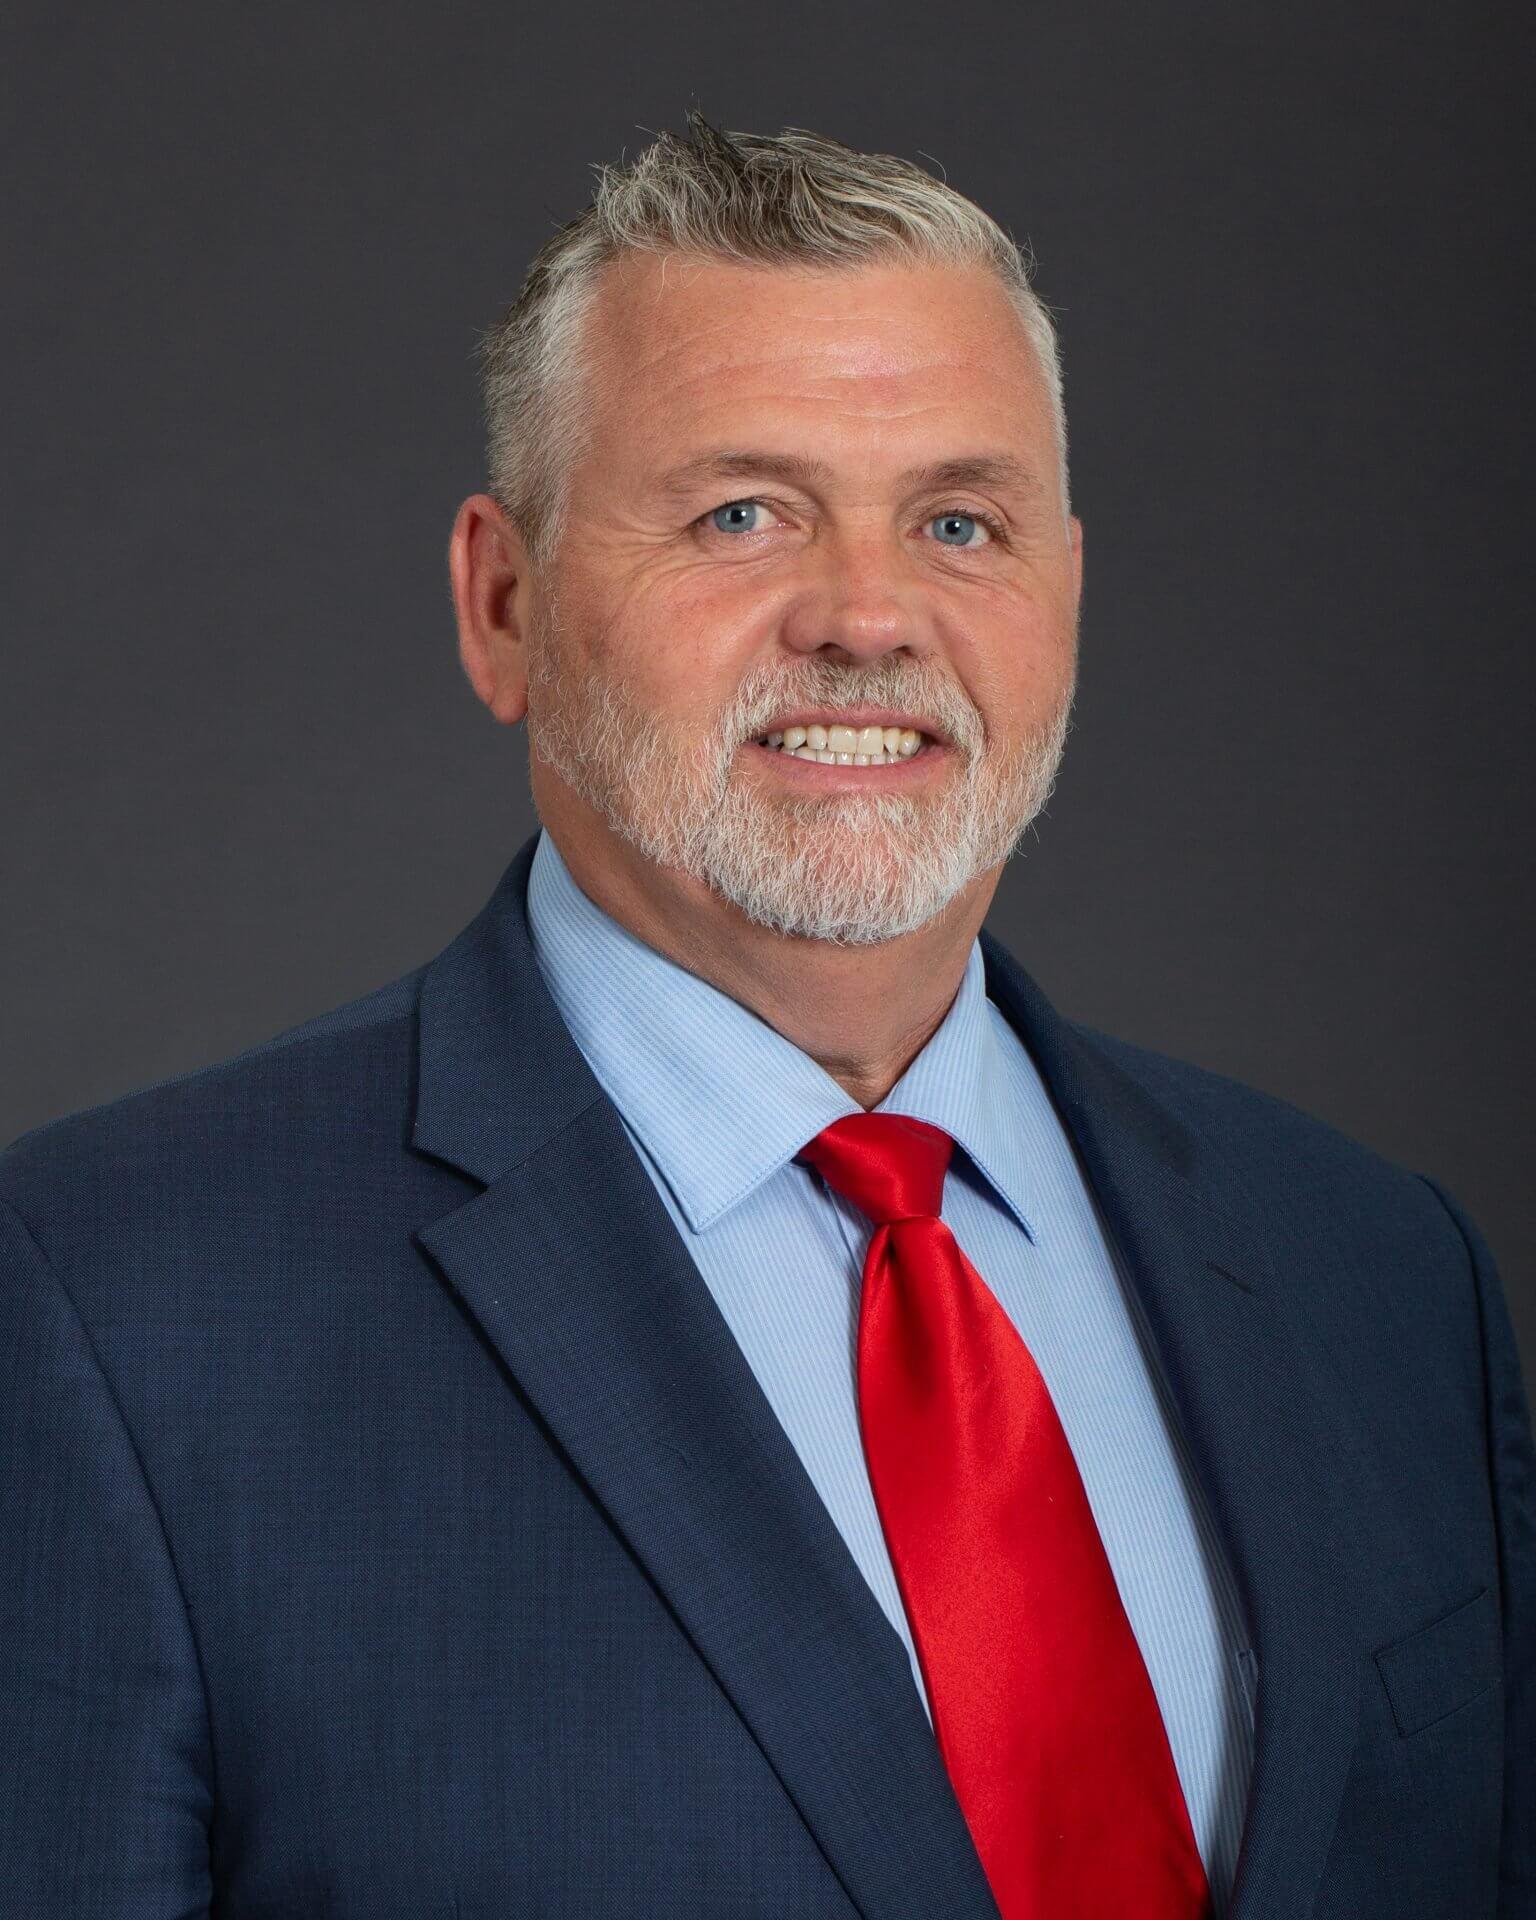 Councillor Thomson